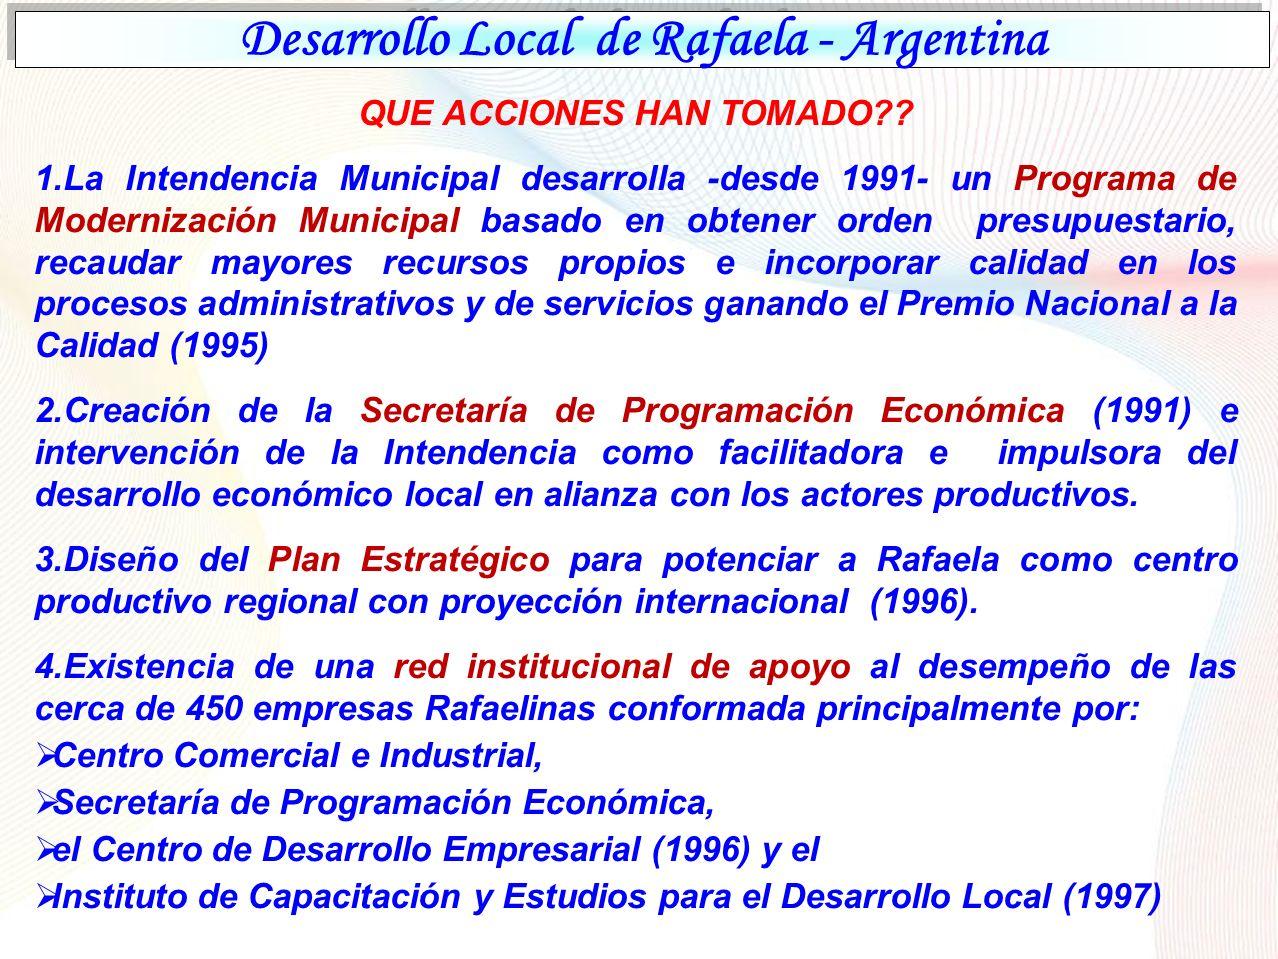 DESARROLLO SOCIO ECONOMICO Fuente: Instituto de Capacitación y Estudio del Desarrollo Local (ICEDEL), 2010